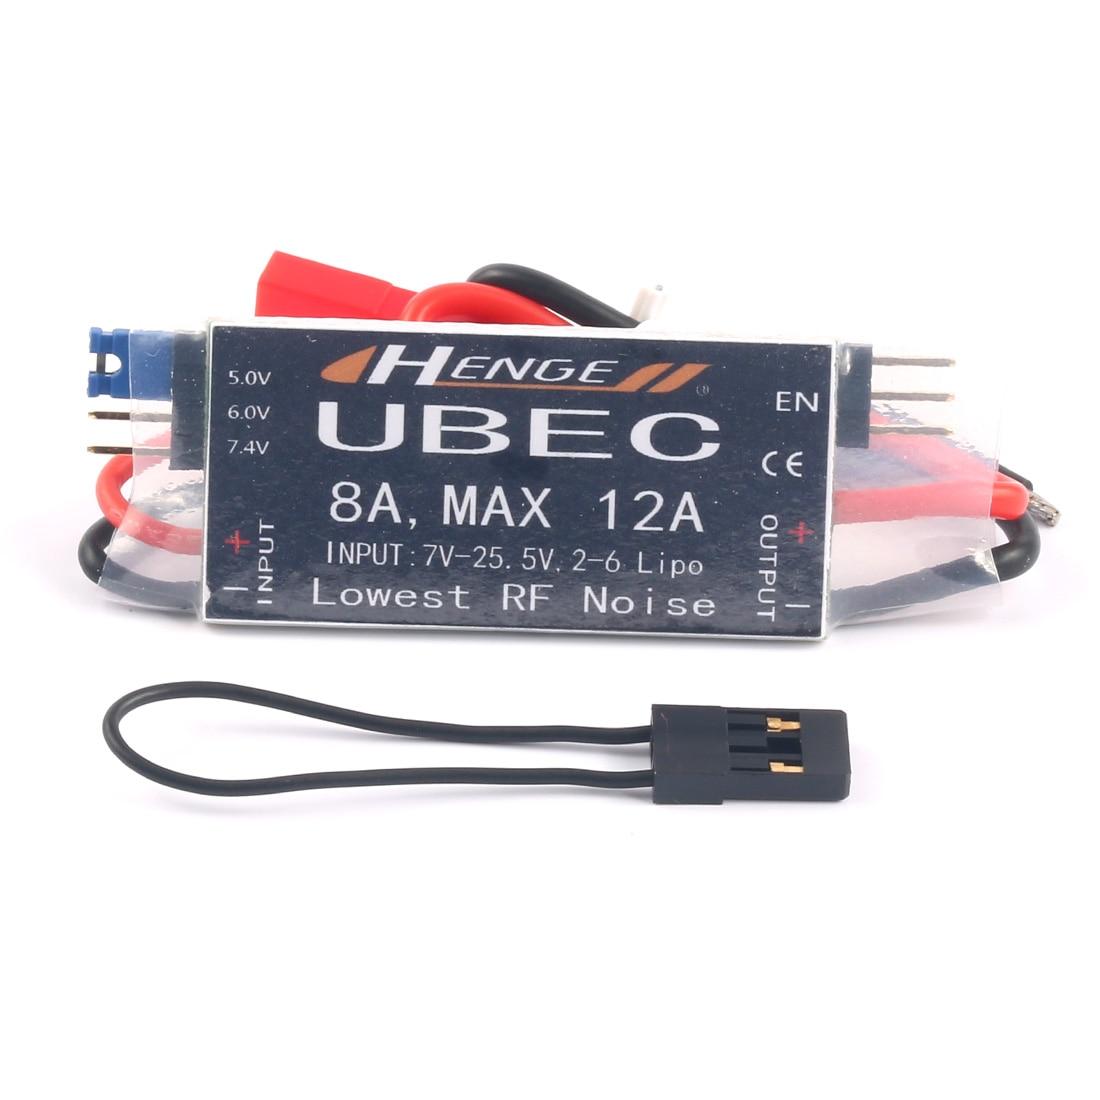 JMT 8A UBEC sortie 5 V/6 V 6A/8A Max 12A Inport 7 V-25.5 V 2-6 S Lipo/6-16 cellule Ni-Mh entrée interrupteur Mode BEC pour RC quadrirotor